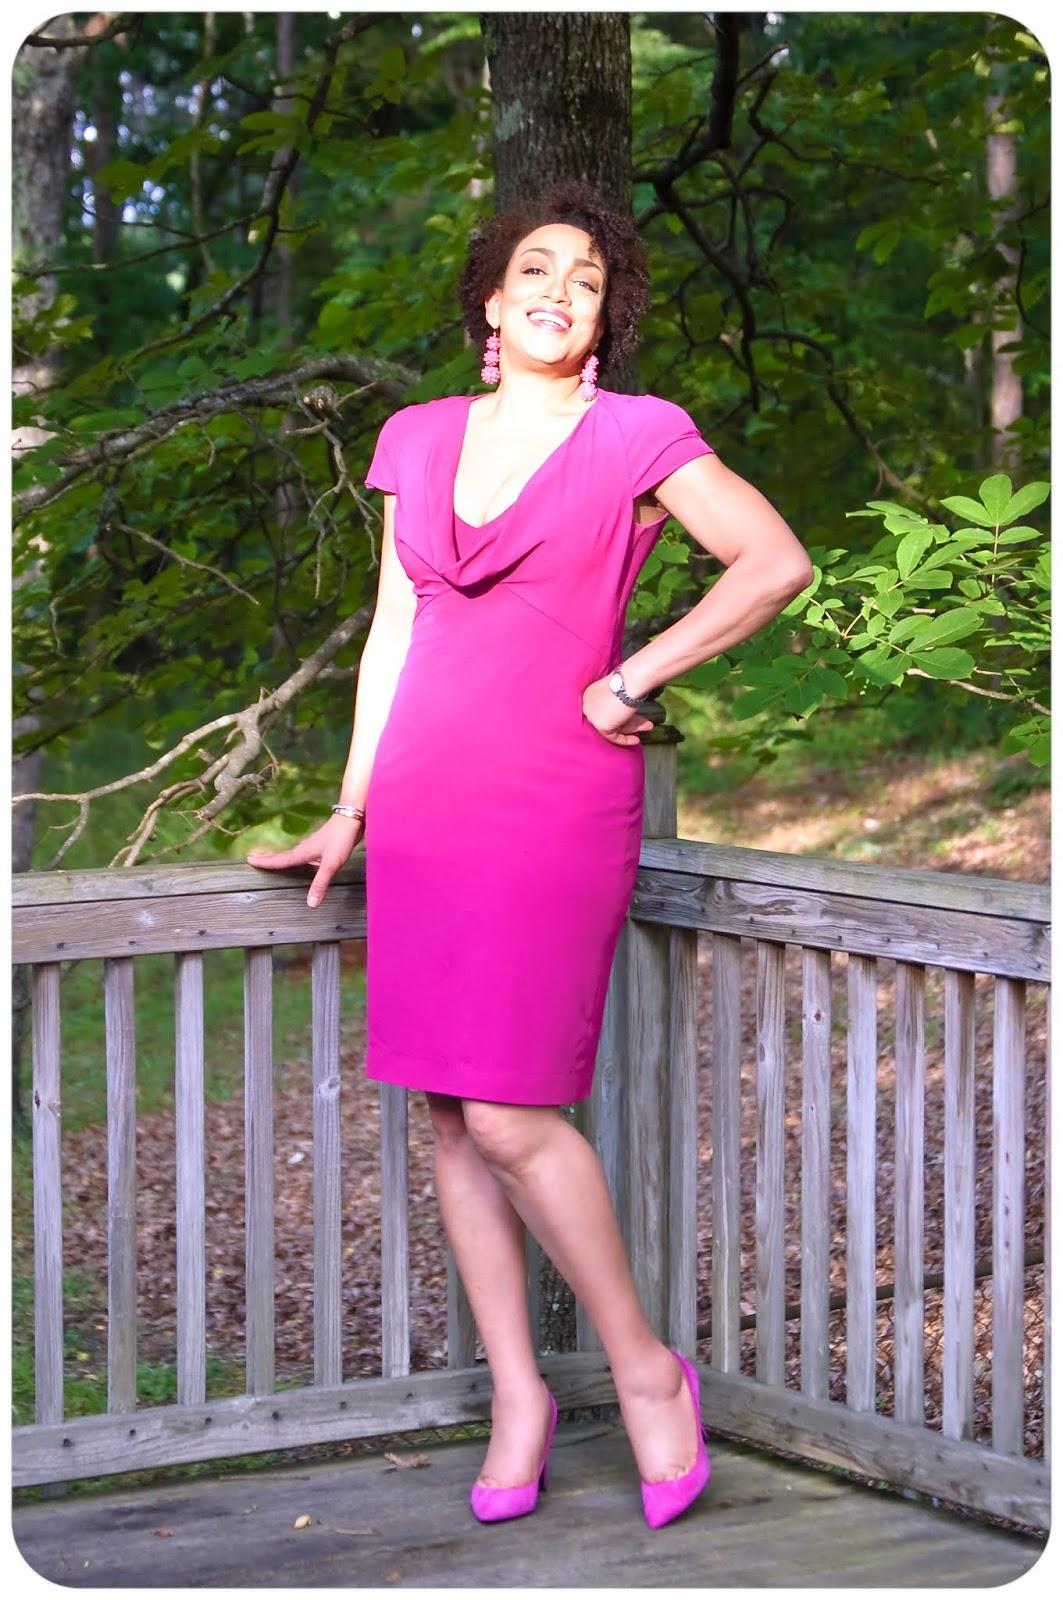 Butterick 5710 - That Fabulous Alexander McQueen Dress! - Erica Bunker DIY Style!